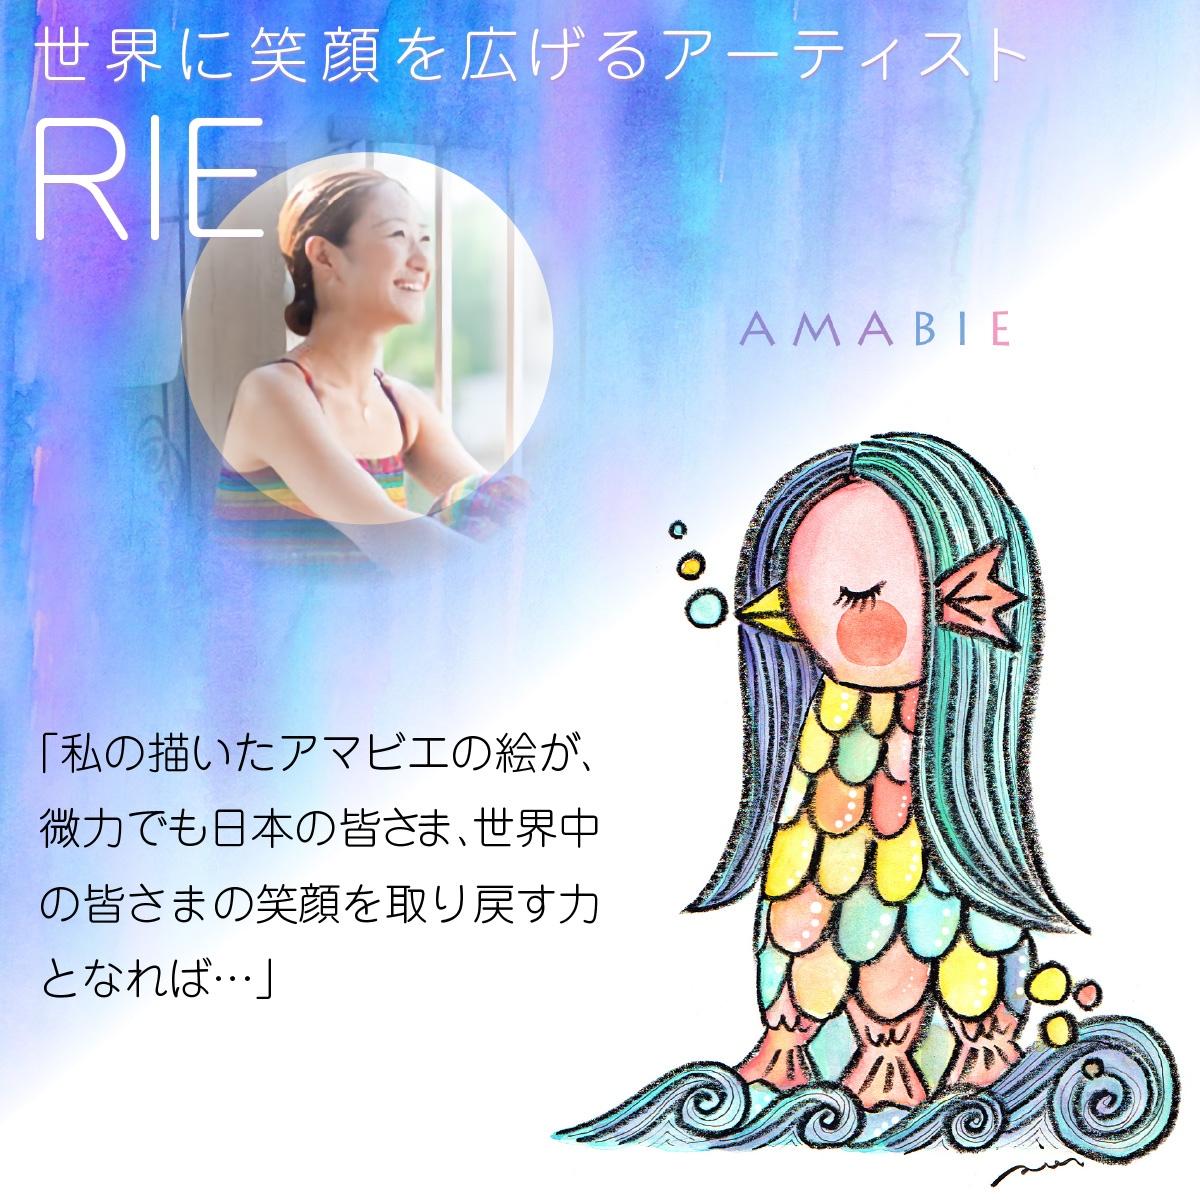 RIEの『AMABIE』 ≫疫病退散!?妖怪アマビエの開運アート 開運グッズ